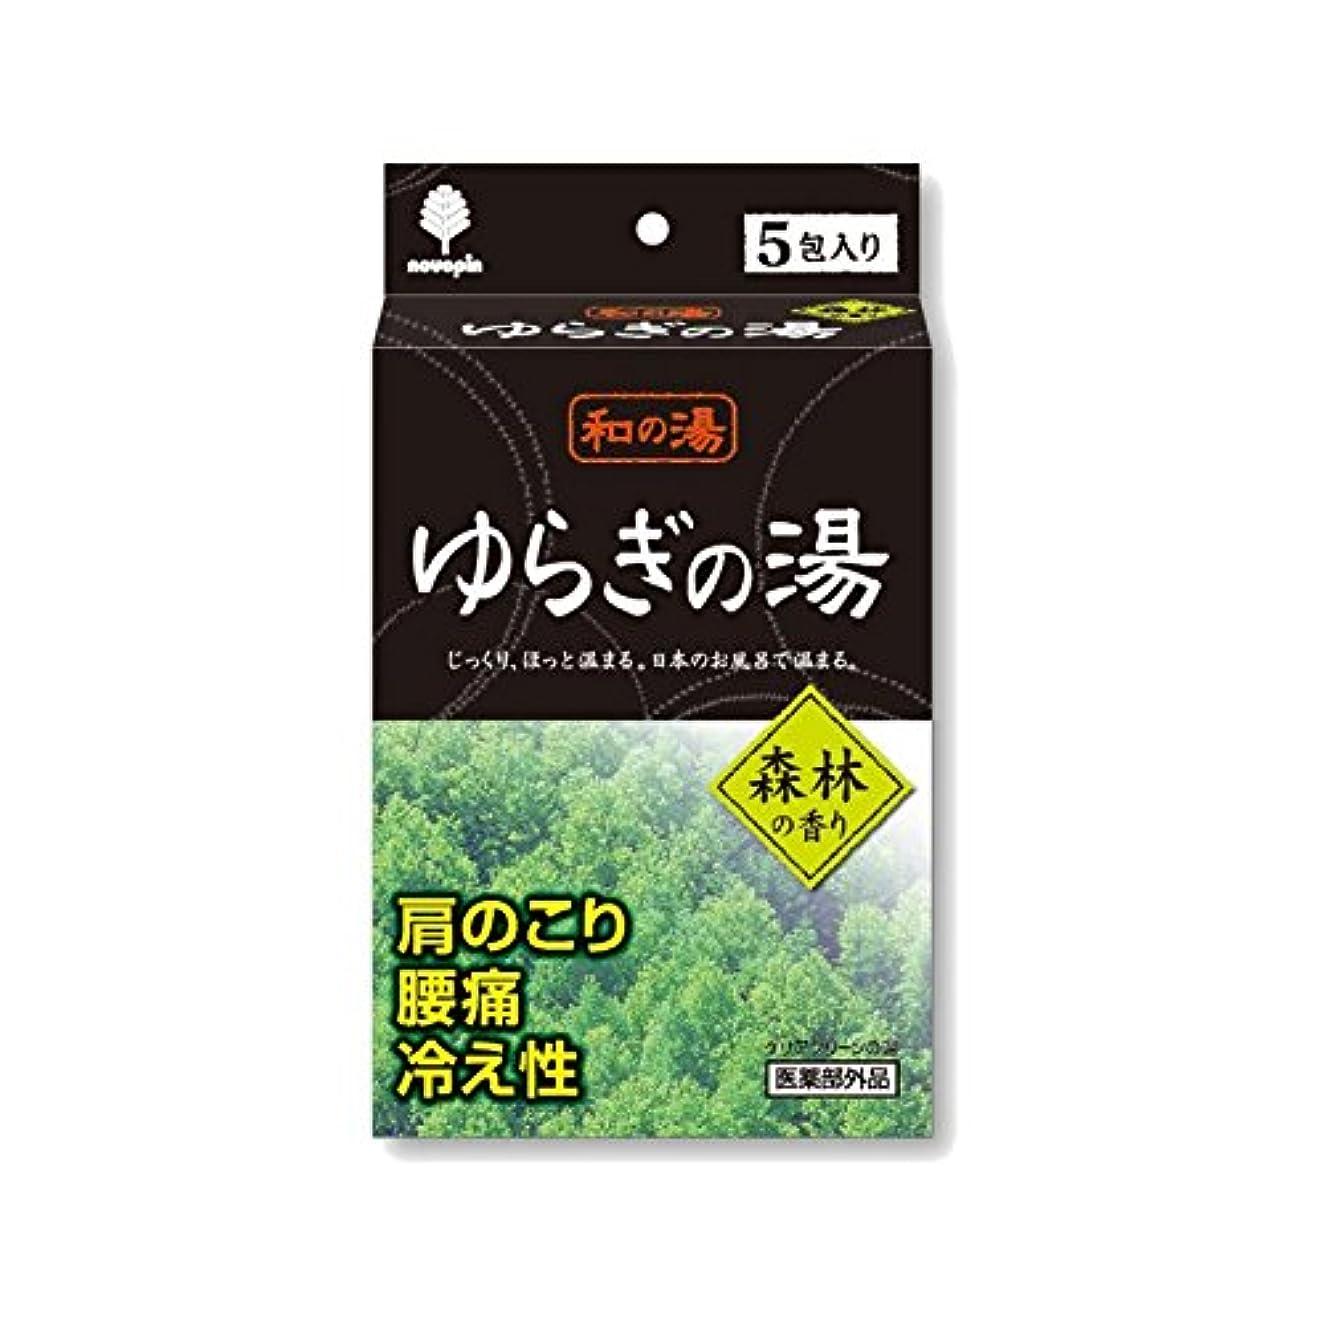 いま道シーフード和の湯 ゆらぎの湯 森林の香り(25gx5)x10